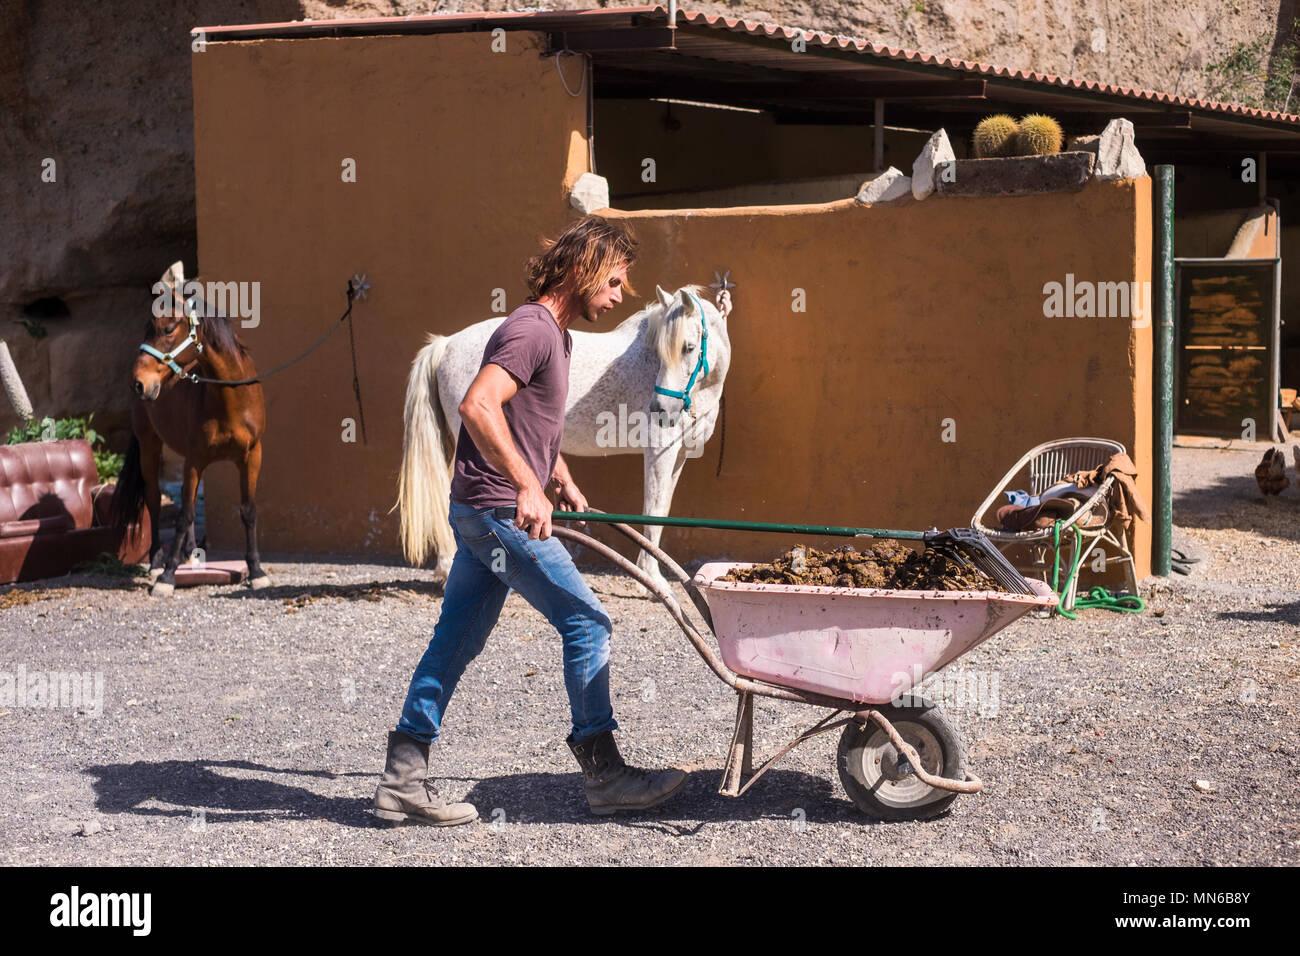 Cowboy Mann die Arbeit auf dem Land Bauernhof mit Pferden Tiere Outdoor Freizeitaktivitäten Aktivität für alternative Lifestyle. Sommer Wetter und natürlichen Hintergrund Stockbild